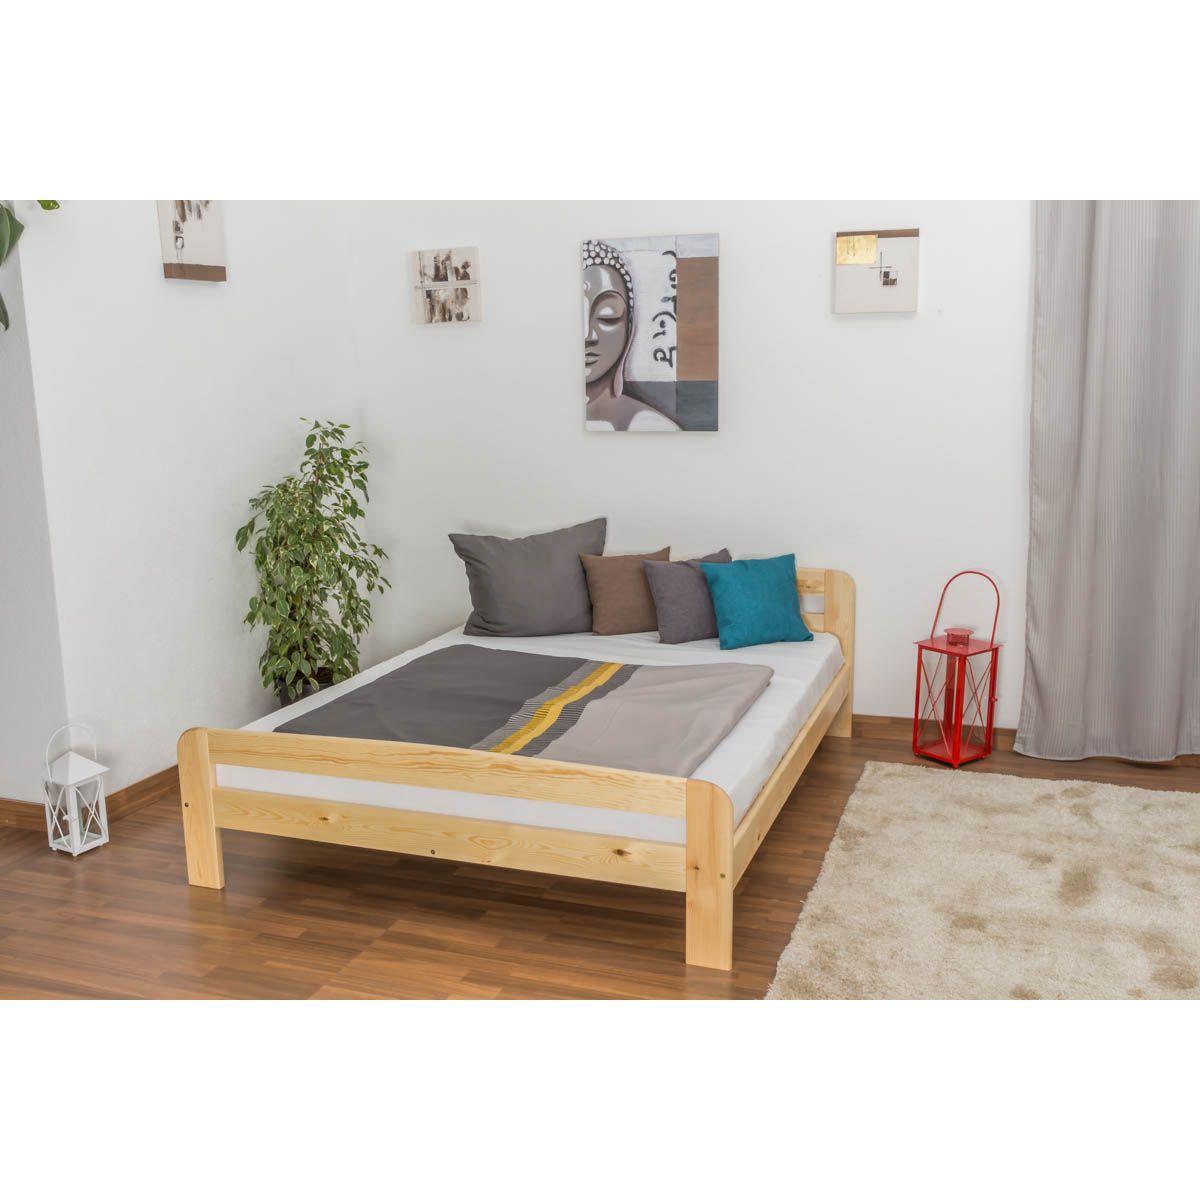 Full Size of Bett 160x200 Modernes Japanische Betten Weiß Balken Landhausstil Günstige 180x200 Bei Ikea Stauraum Hoch Mit Lattenrost Pinolino Nolte De Rückwand Flexa Bett Bett 160x200